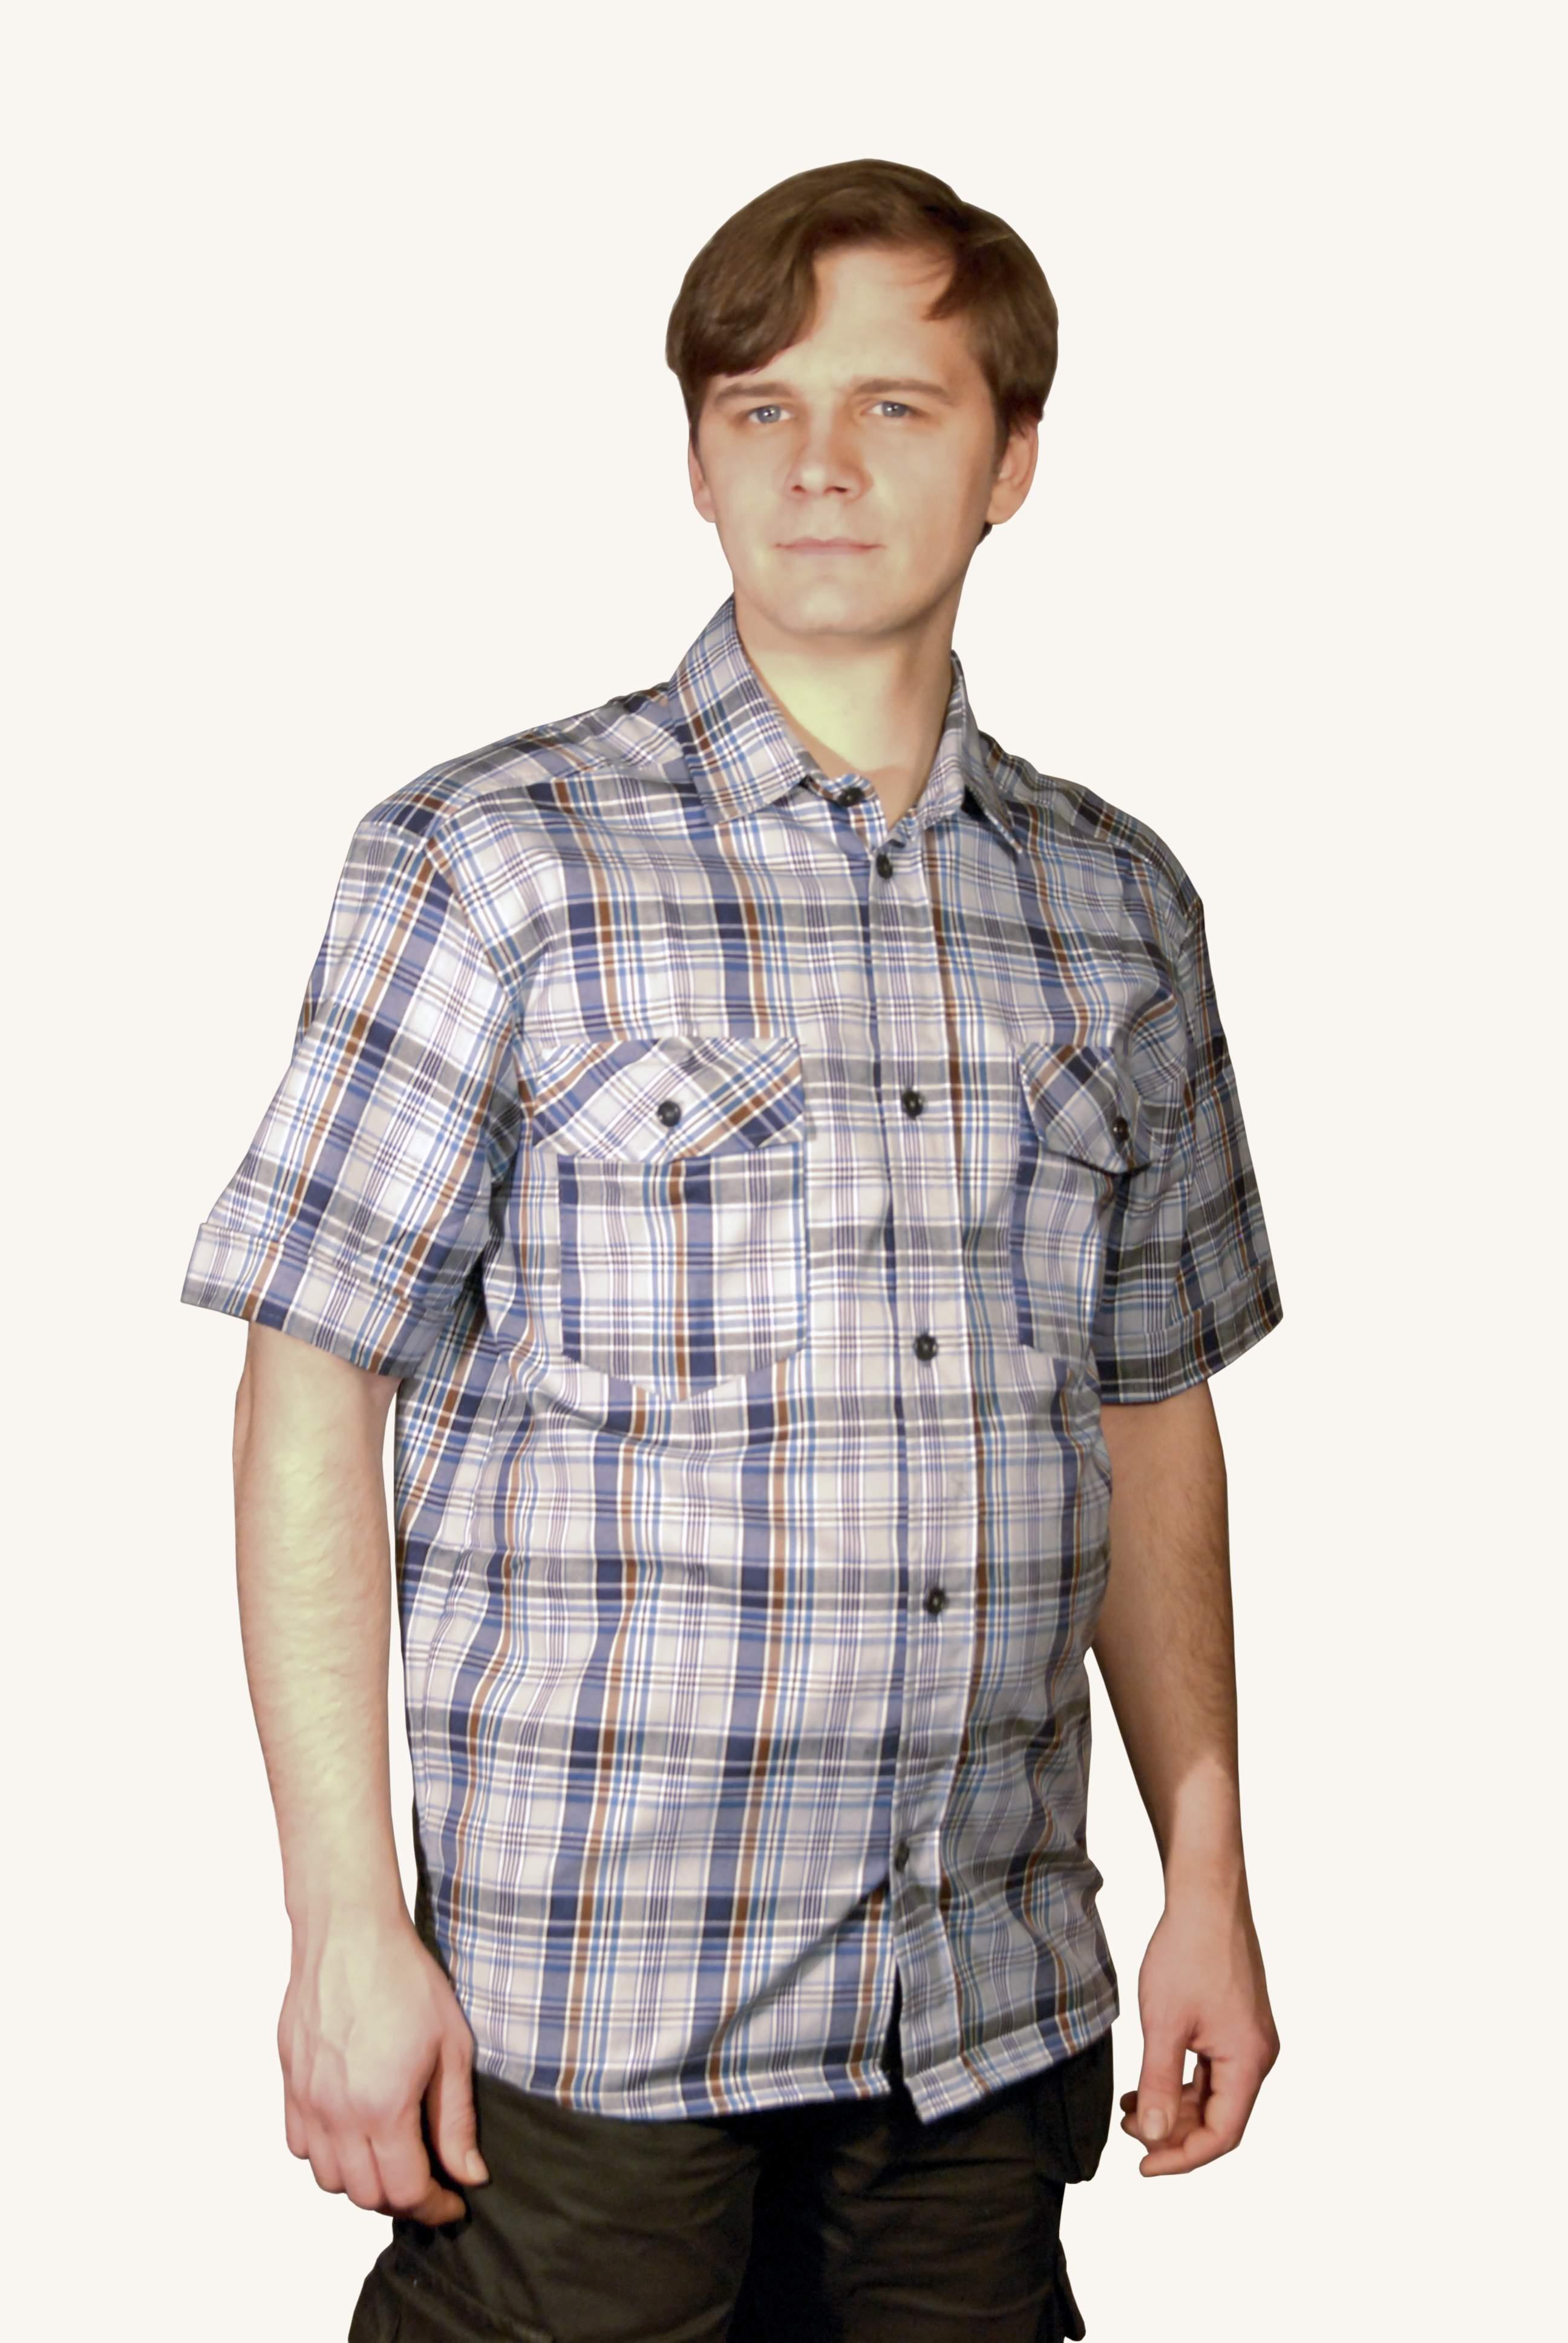 Рубашка туристическая | купить ивановский текстиль оптом